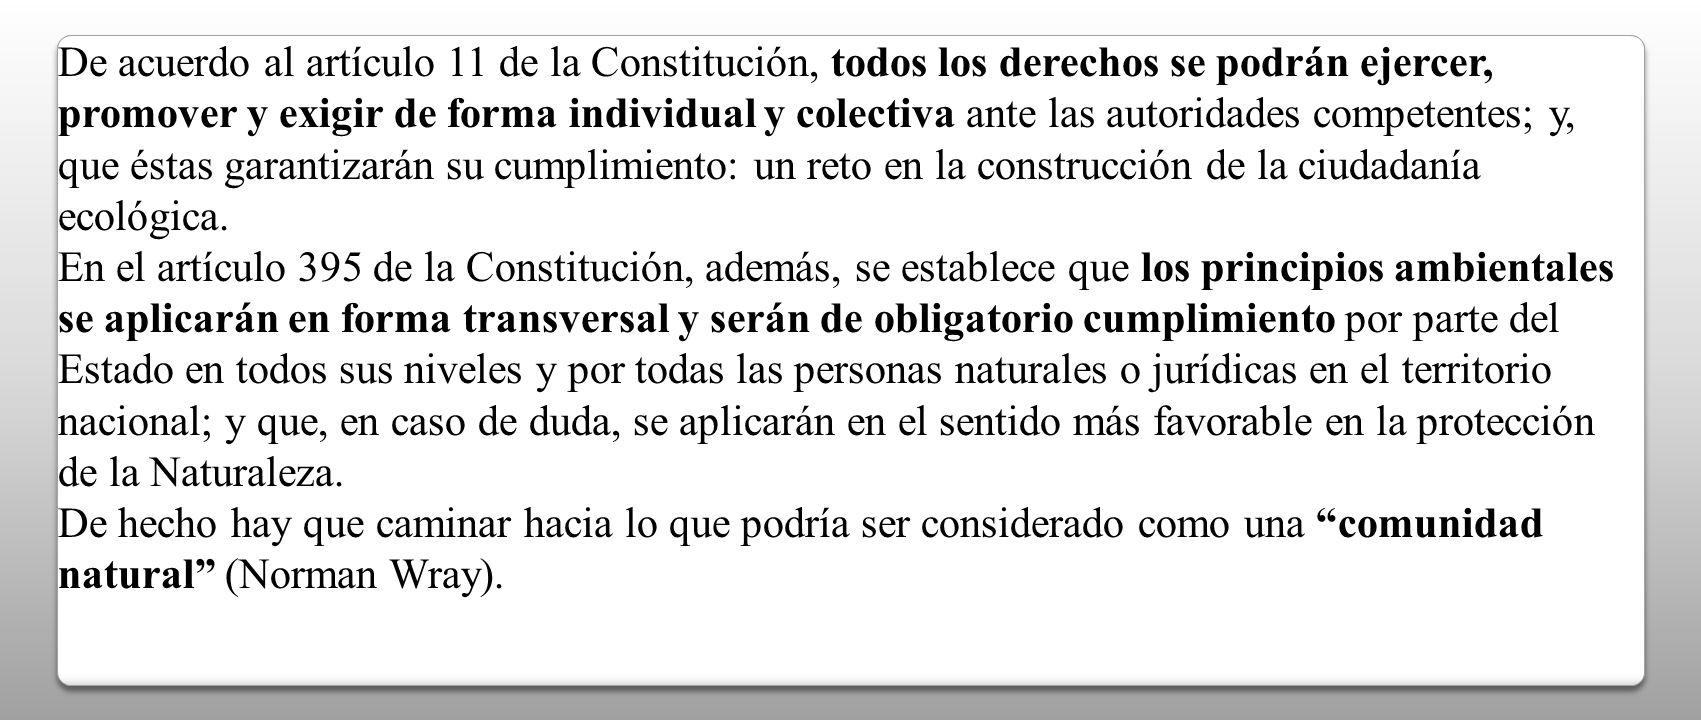 De acuerdo al artículo 11 de la Constitución, todos los derechos se podrán ejercer, promover y exigir de forma individual y colectiva ante las autoridades competentes; y, que éstas garantizarán su cumplimiento: un reto en la construcción de la ciudadanía ecológica.